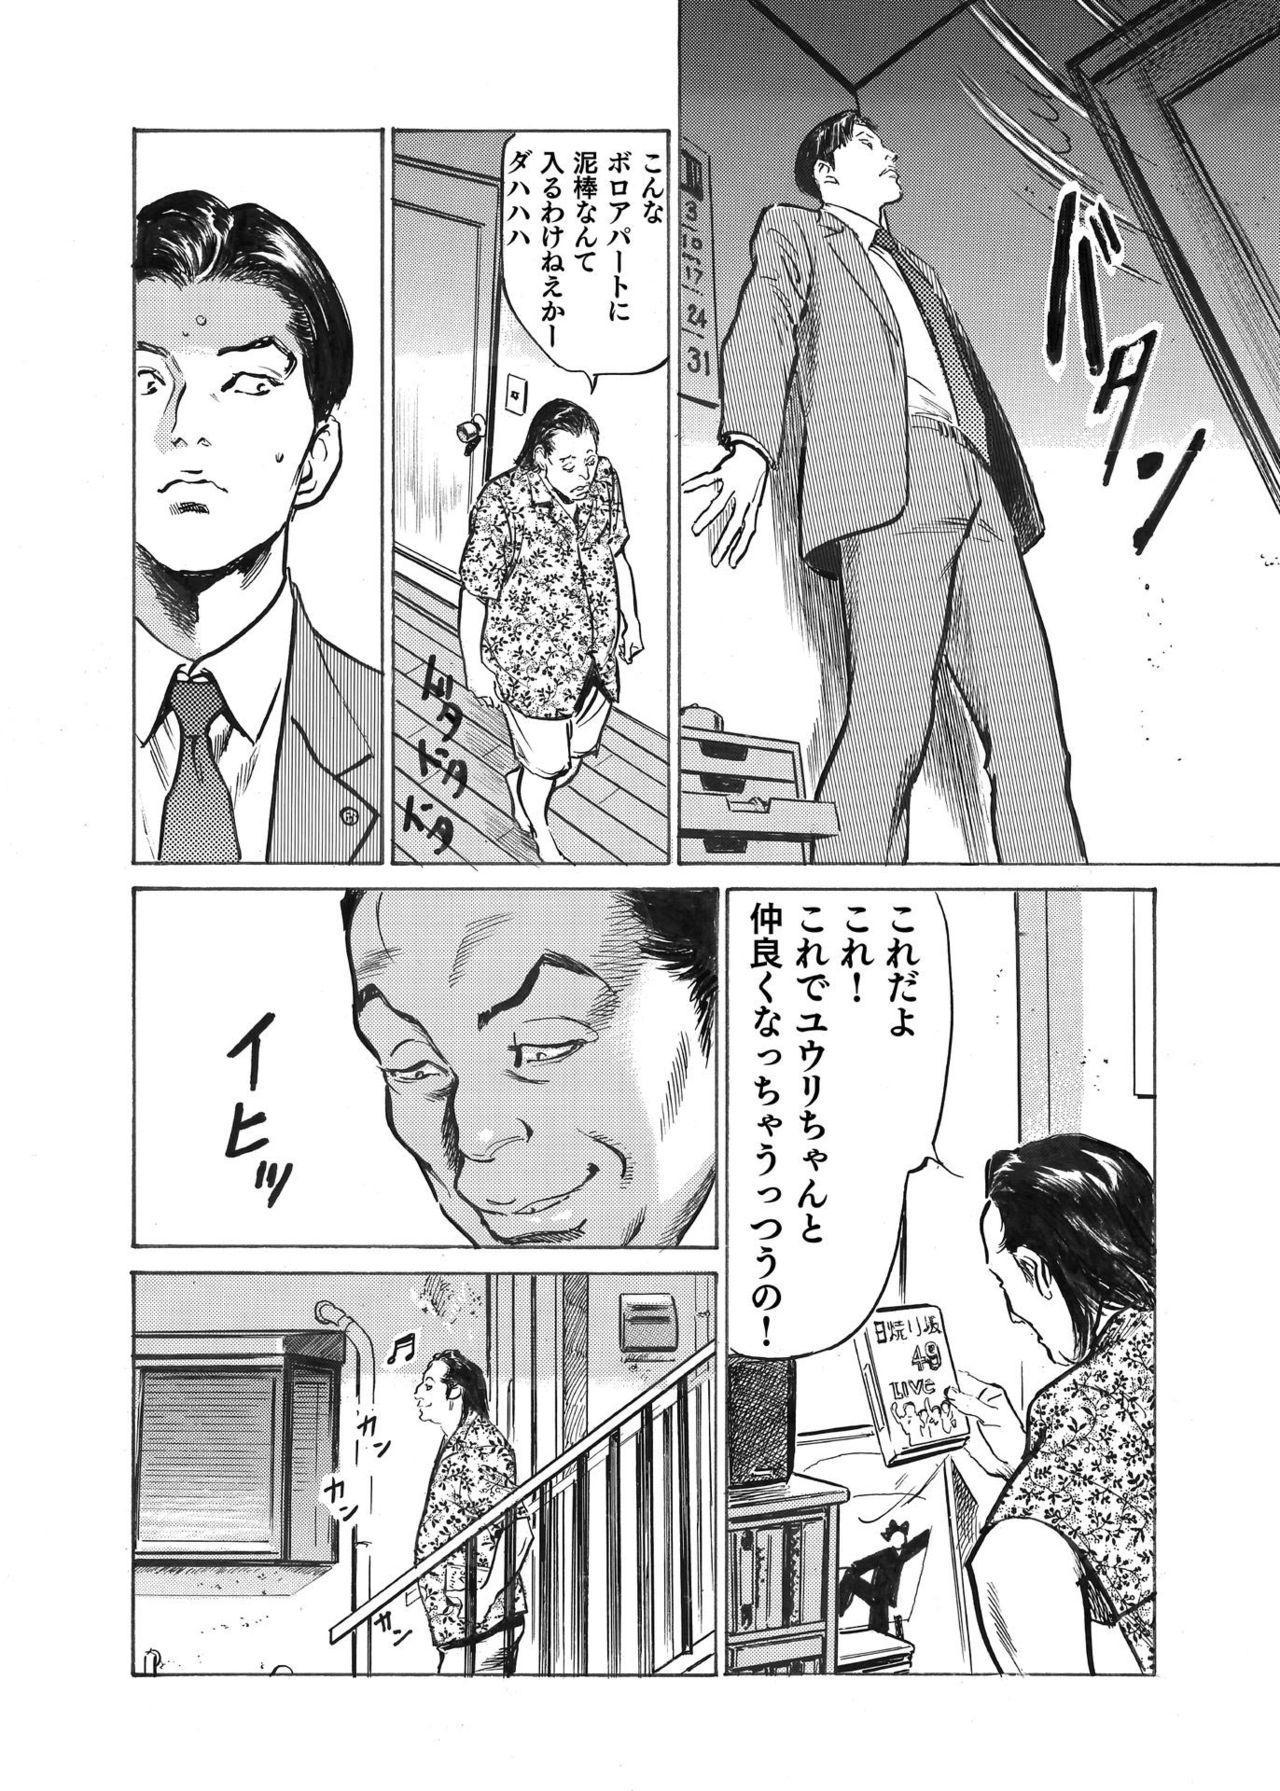 Ore wa Tsuma no Koto o Yoku Shiranai 1-9 177